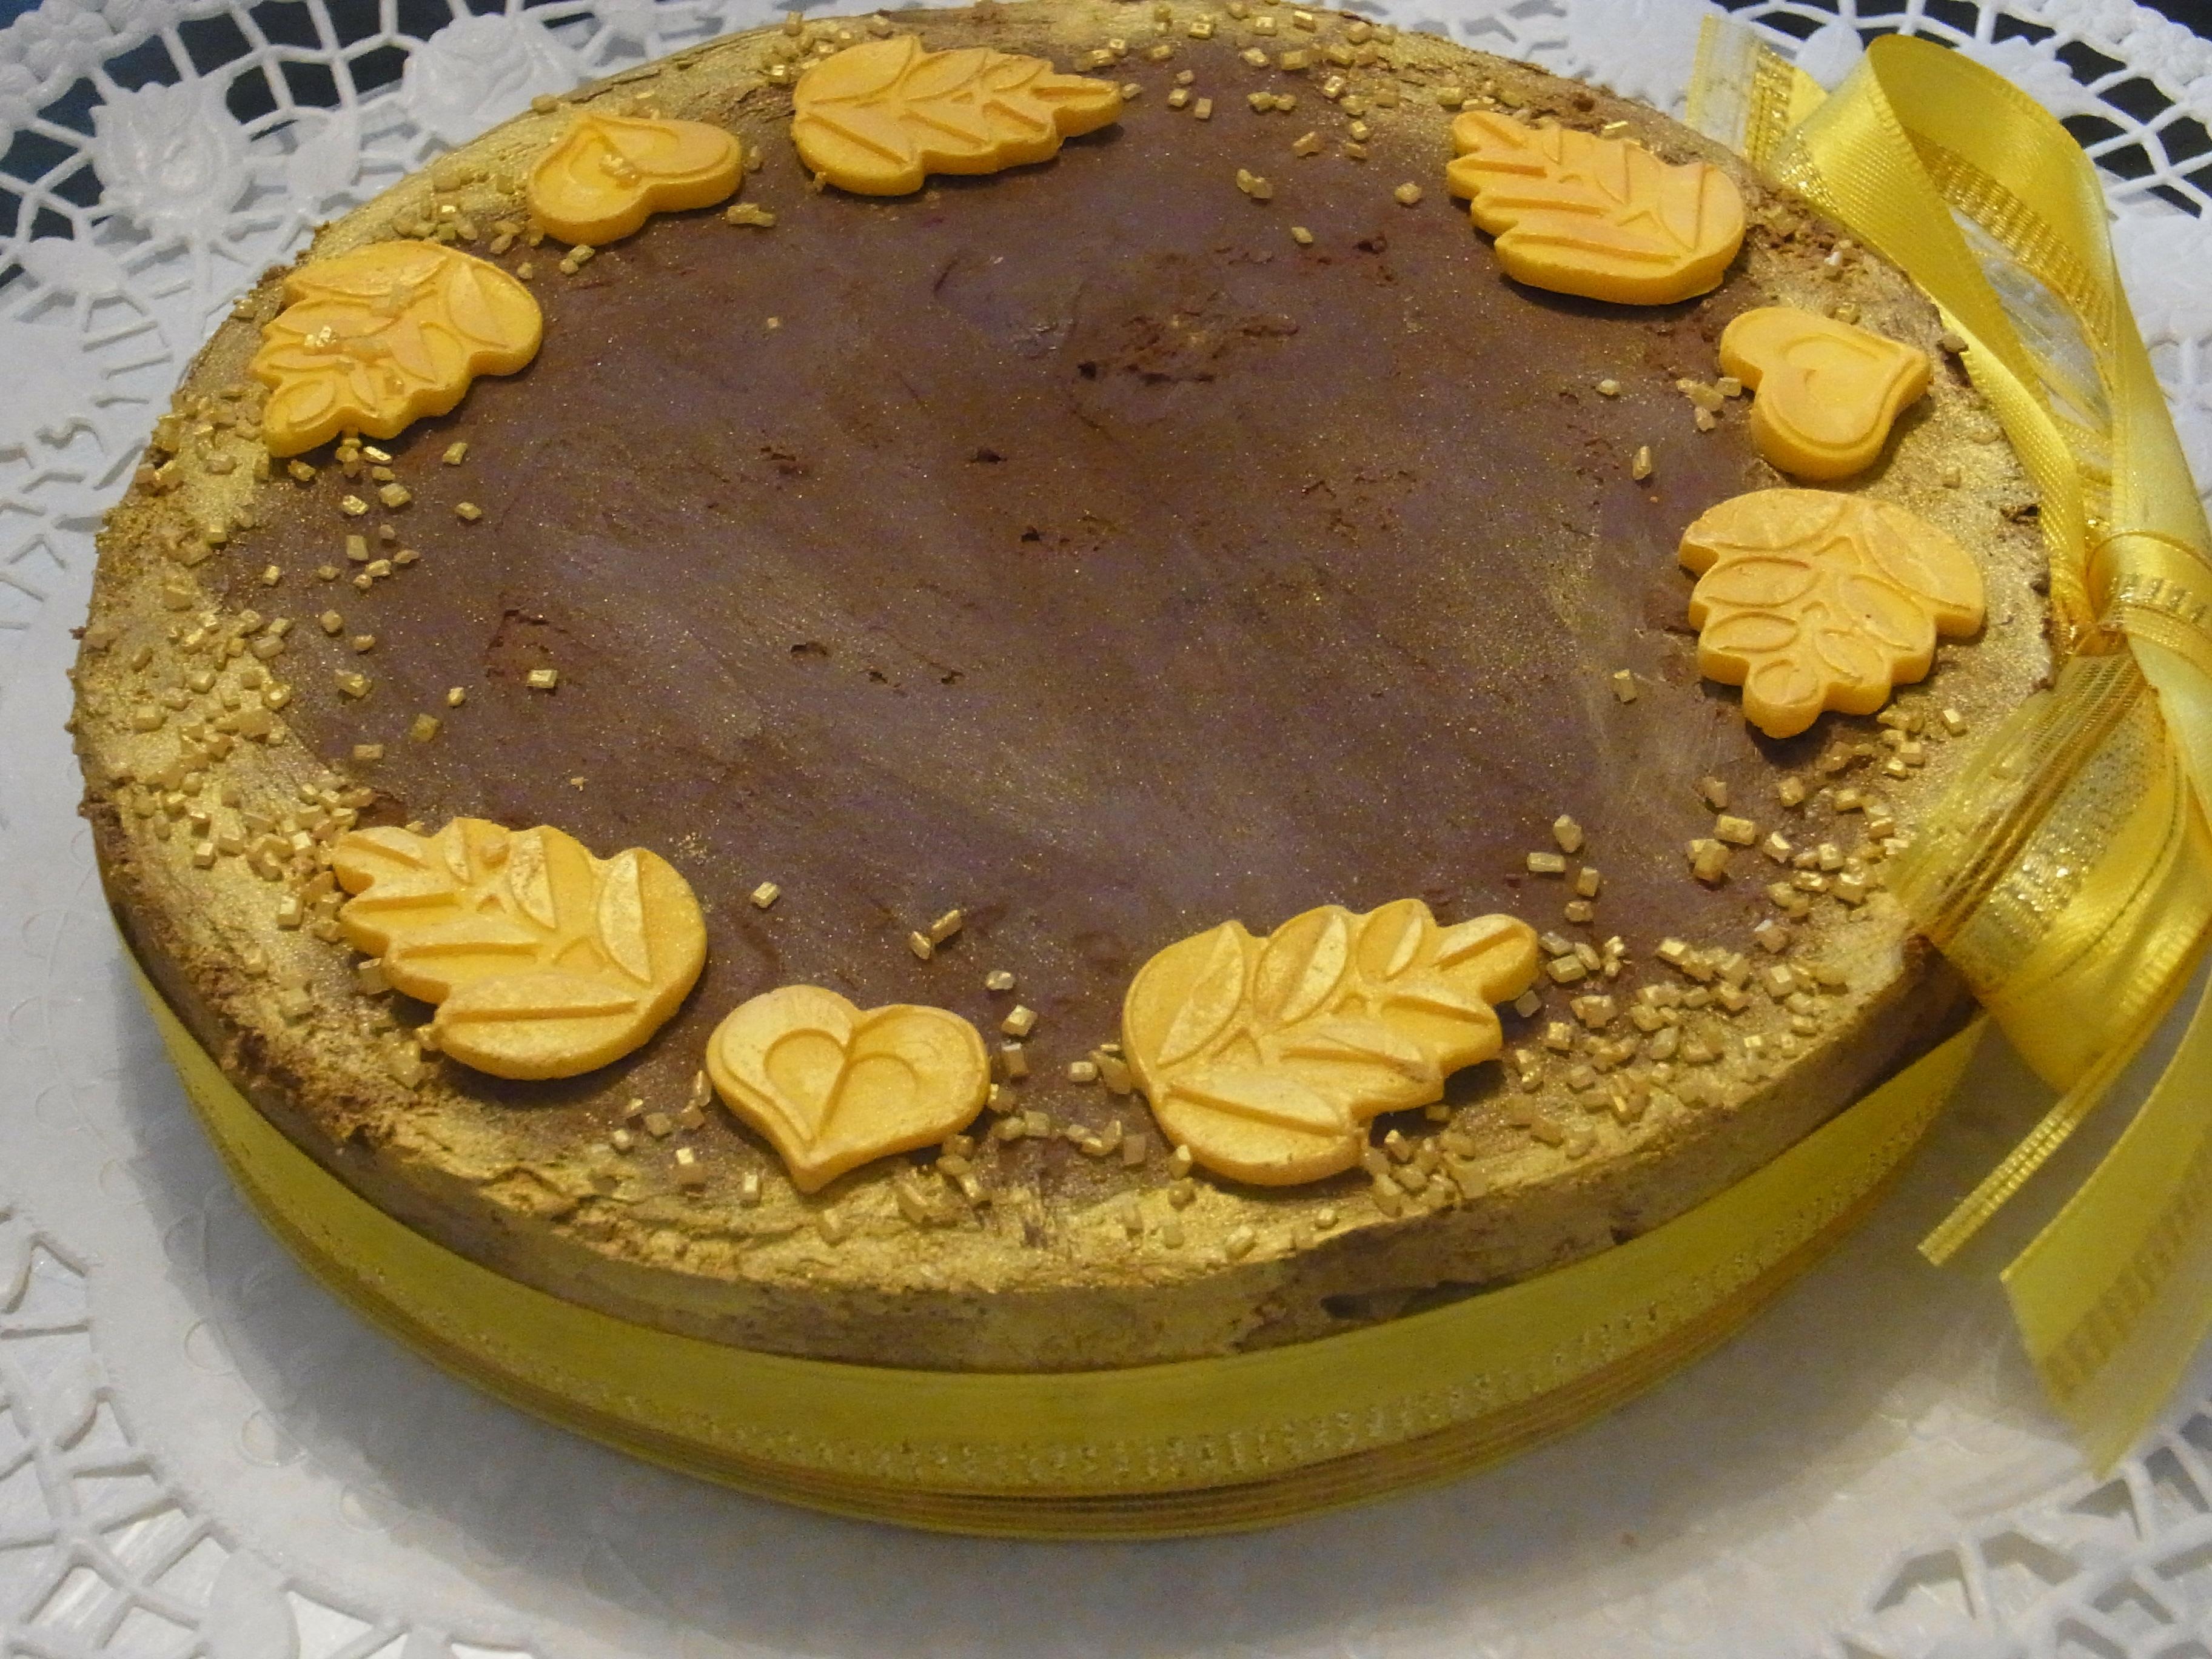 Schokoladen Torte mit goldener Zuckerdekoration